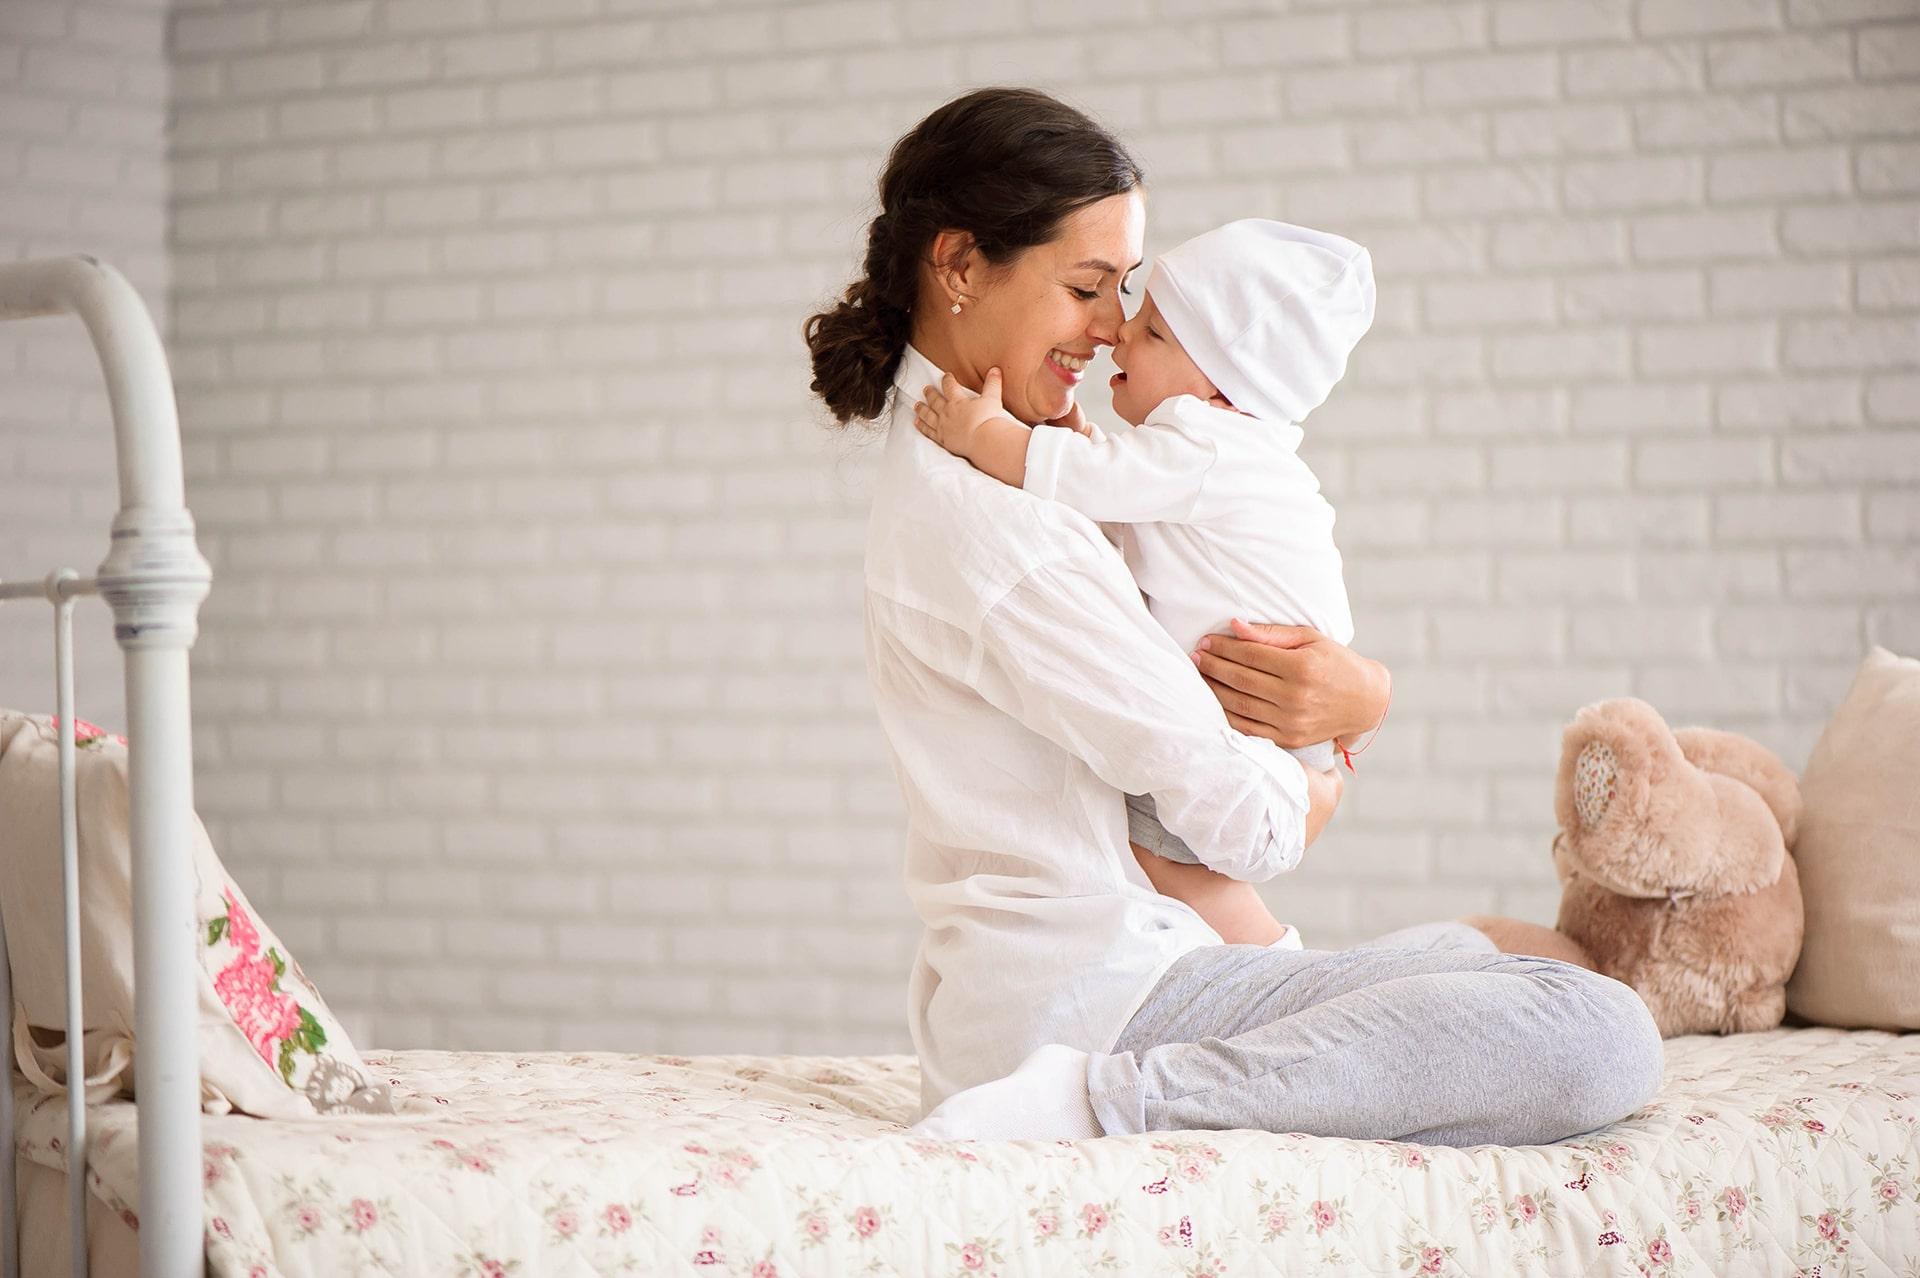 Cuidado de la piel del bebé: todo lo que necesitas saber